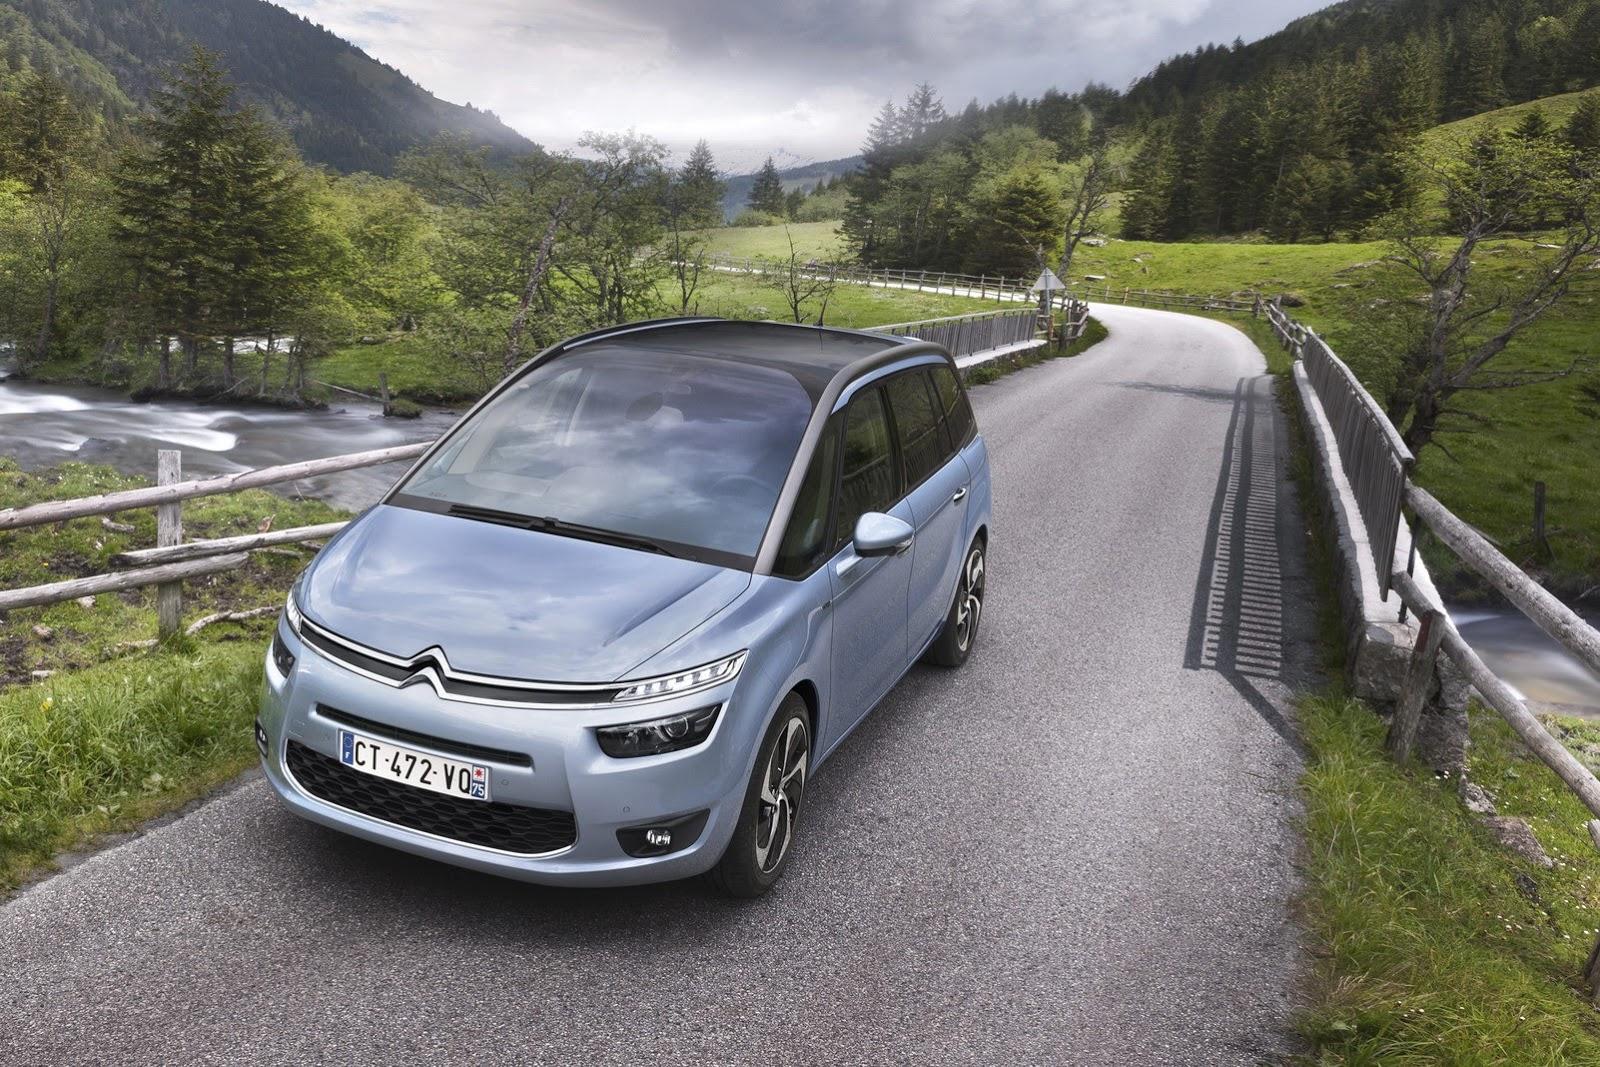 [SUJET OFFICIEL] Citroën Grand C4 Picasso II  - Page 4 Citroen-Grand-C4-Picasso-12%25255B2%25255D